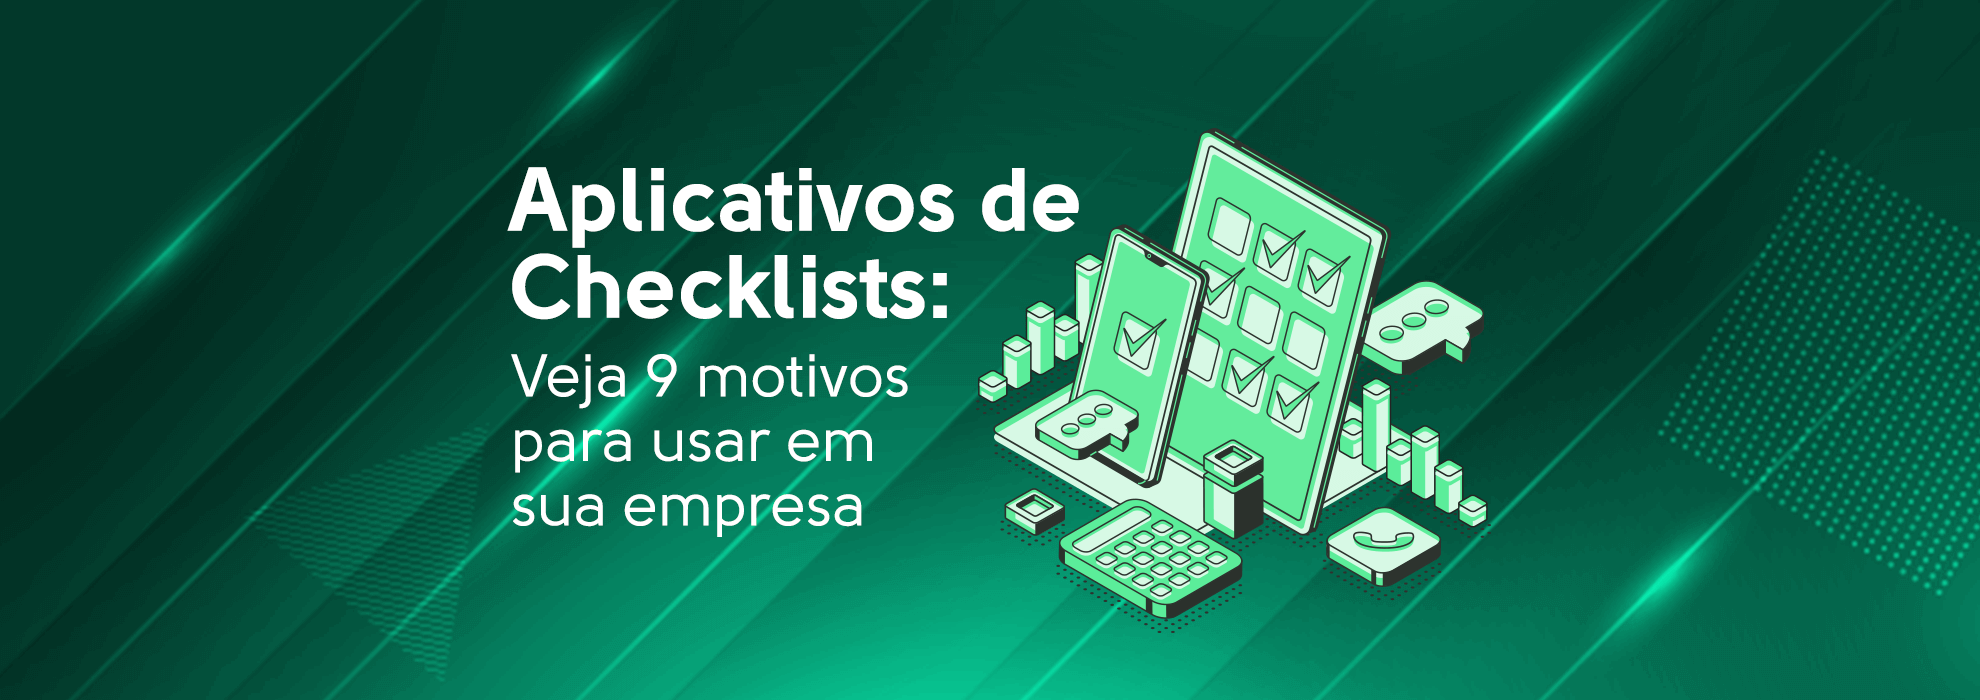 You are currently viewing Aplicativos de Checklists: Veja 9 motivos para usar em sua empresa